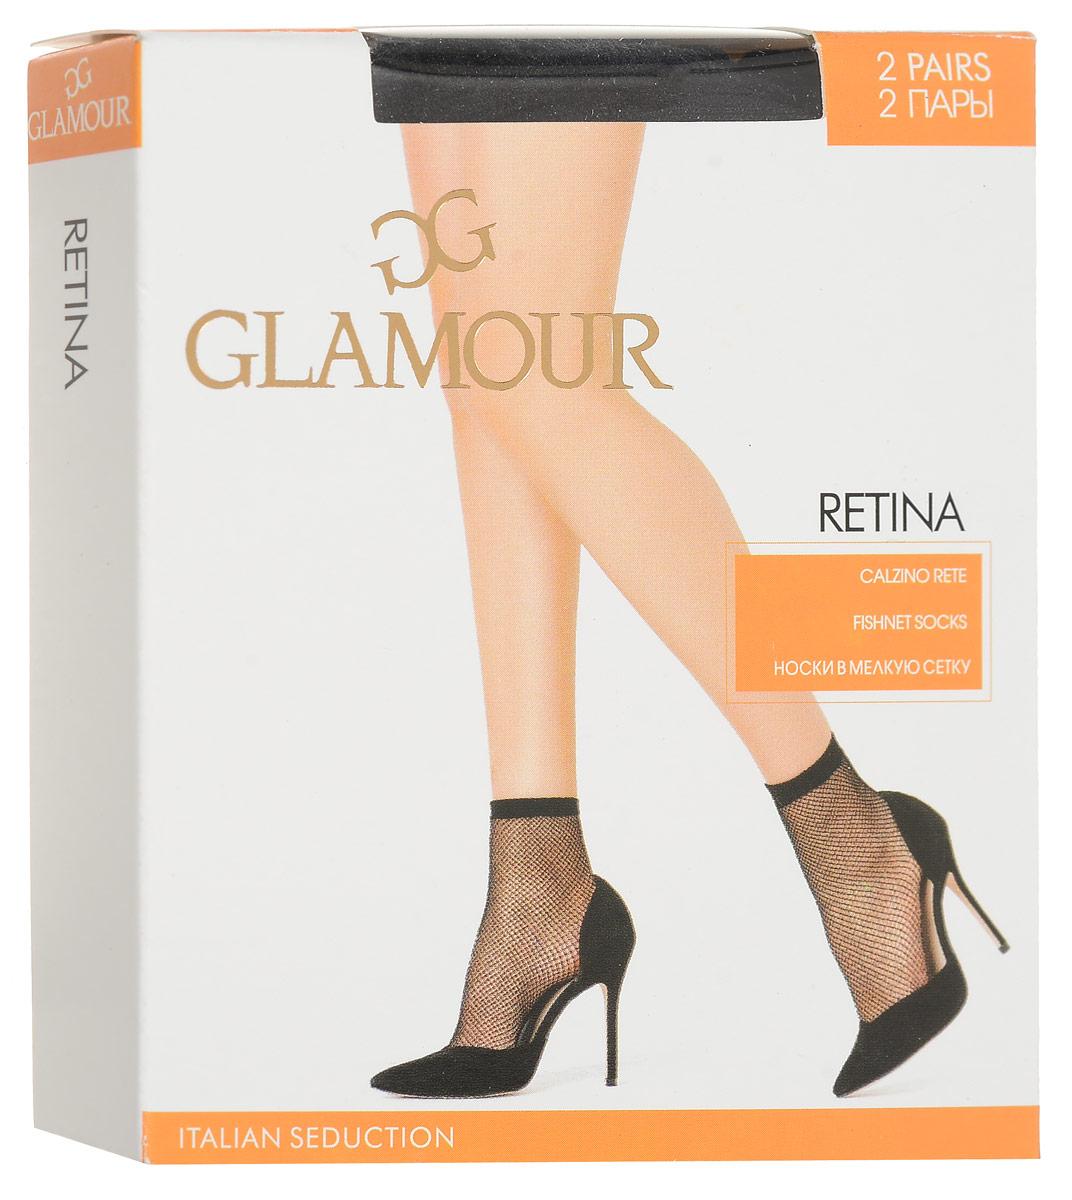 Носки женские Retina, 2 парыRetinaУдобные женские носки Glamour Retina, изготовленные из высококачественного эластичного полиамида, идеально подойдут для повседневной носки. Входящий в состав материала полиамид обеспечивает износостойкость, а эластан позволяет носочкам легко тянуться, что делает их комфортными в носке. Эластичная резинка плотно облегает ногу, не сдавливая ее, обеспечивая комфорт и удобство и не препятствуя кровообращению. Практичные и комфортные носки в мелкую сетку великолепно подойдут к любой открытой обуви. В комплект входят 2 пары носков.